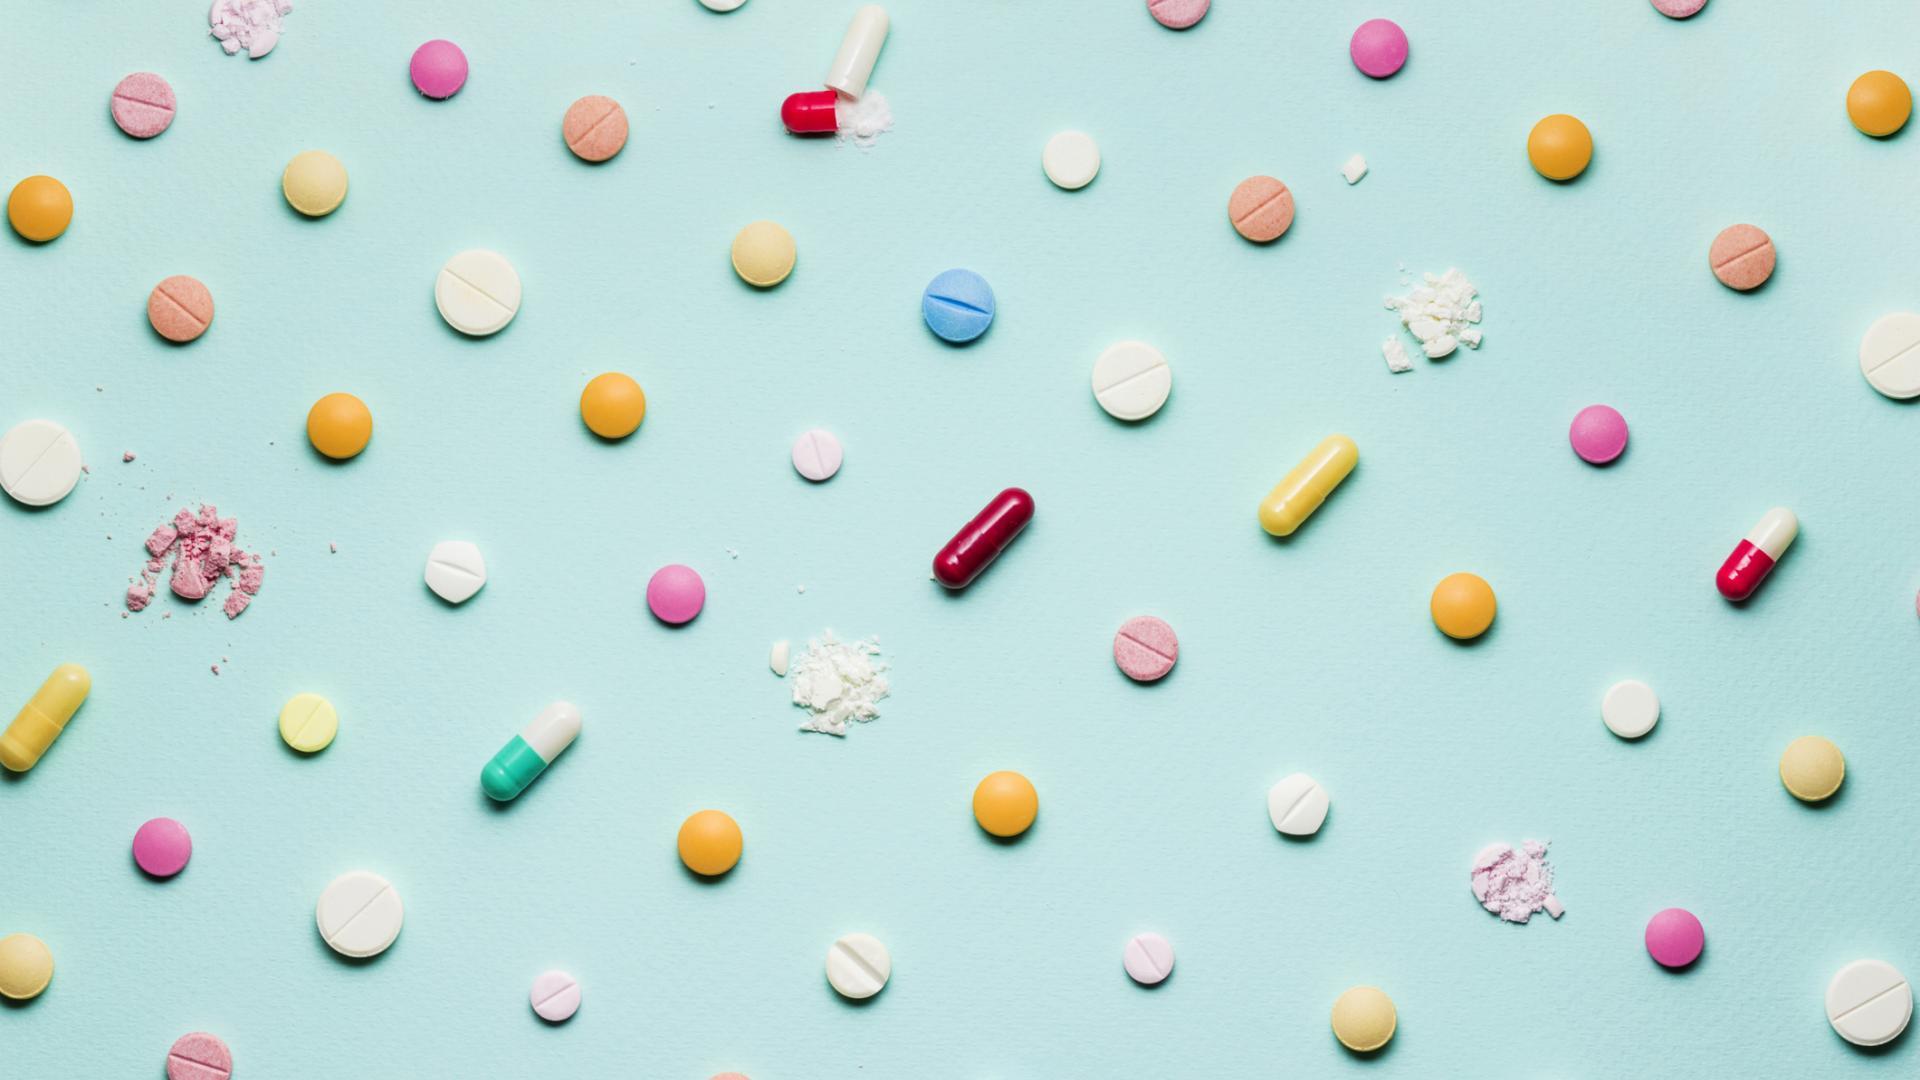 medikamente bunte pillen flat lay